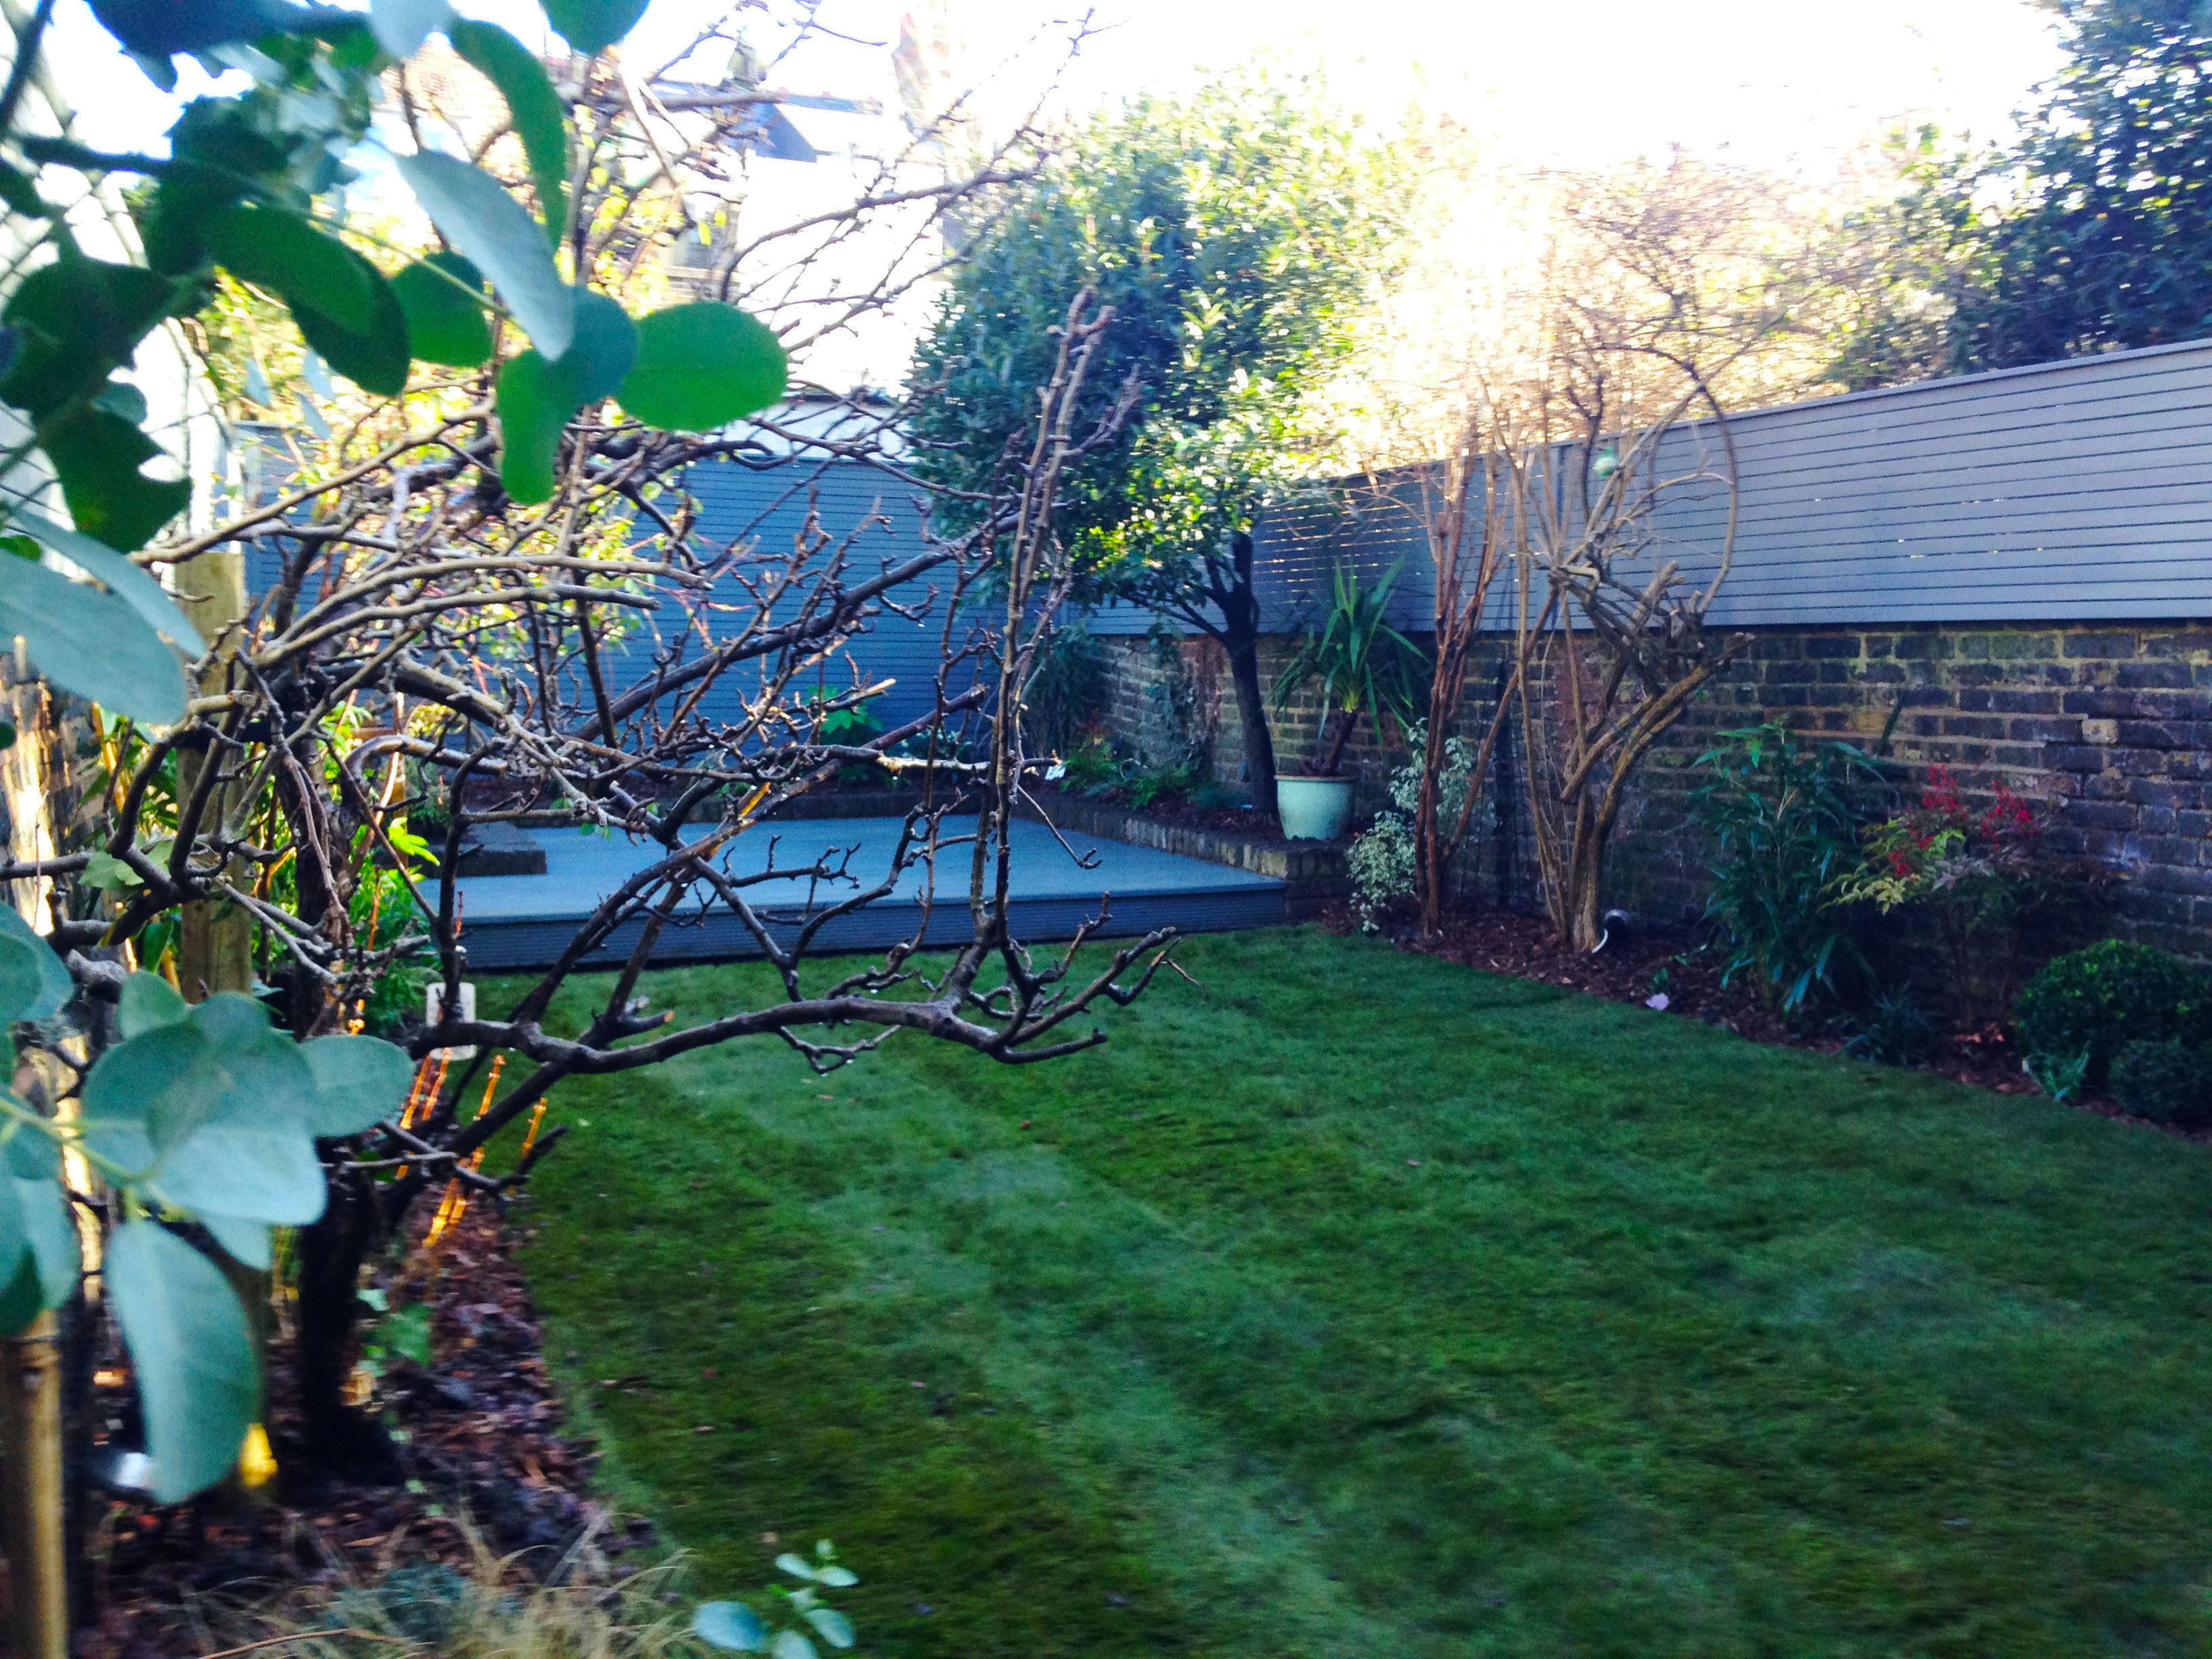 Decking-7---Gallagher-gardens---Landscaping-Oxford.jpg